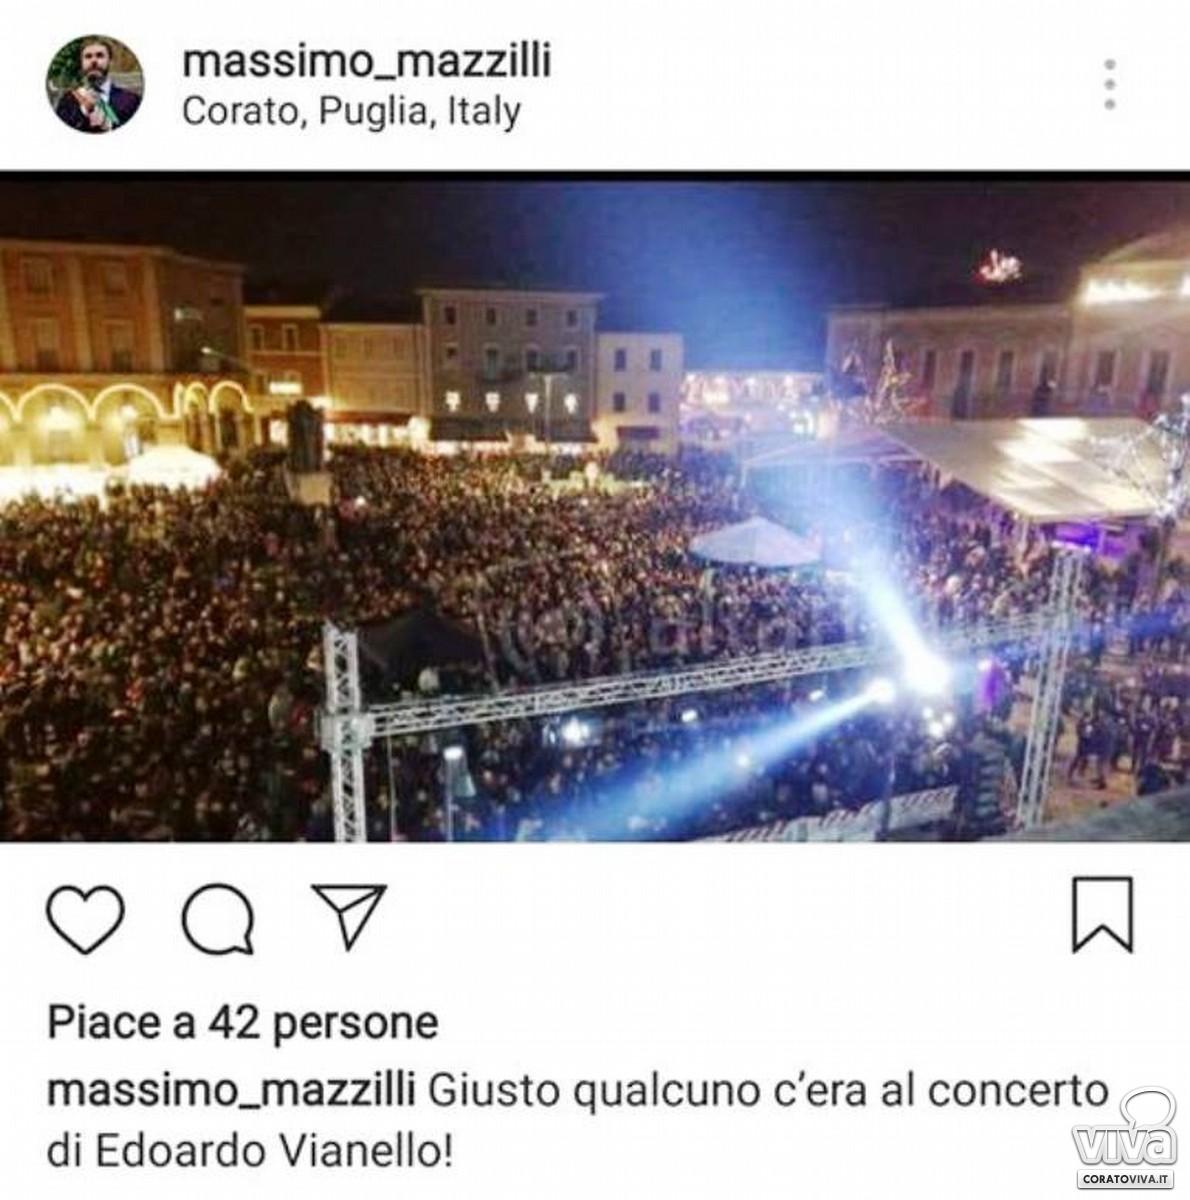 Il post del sindaco Mazzilli